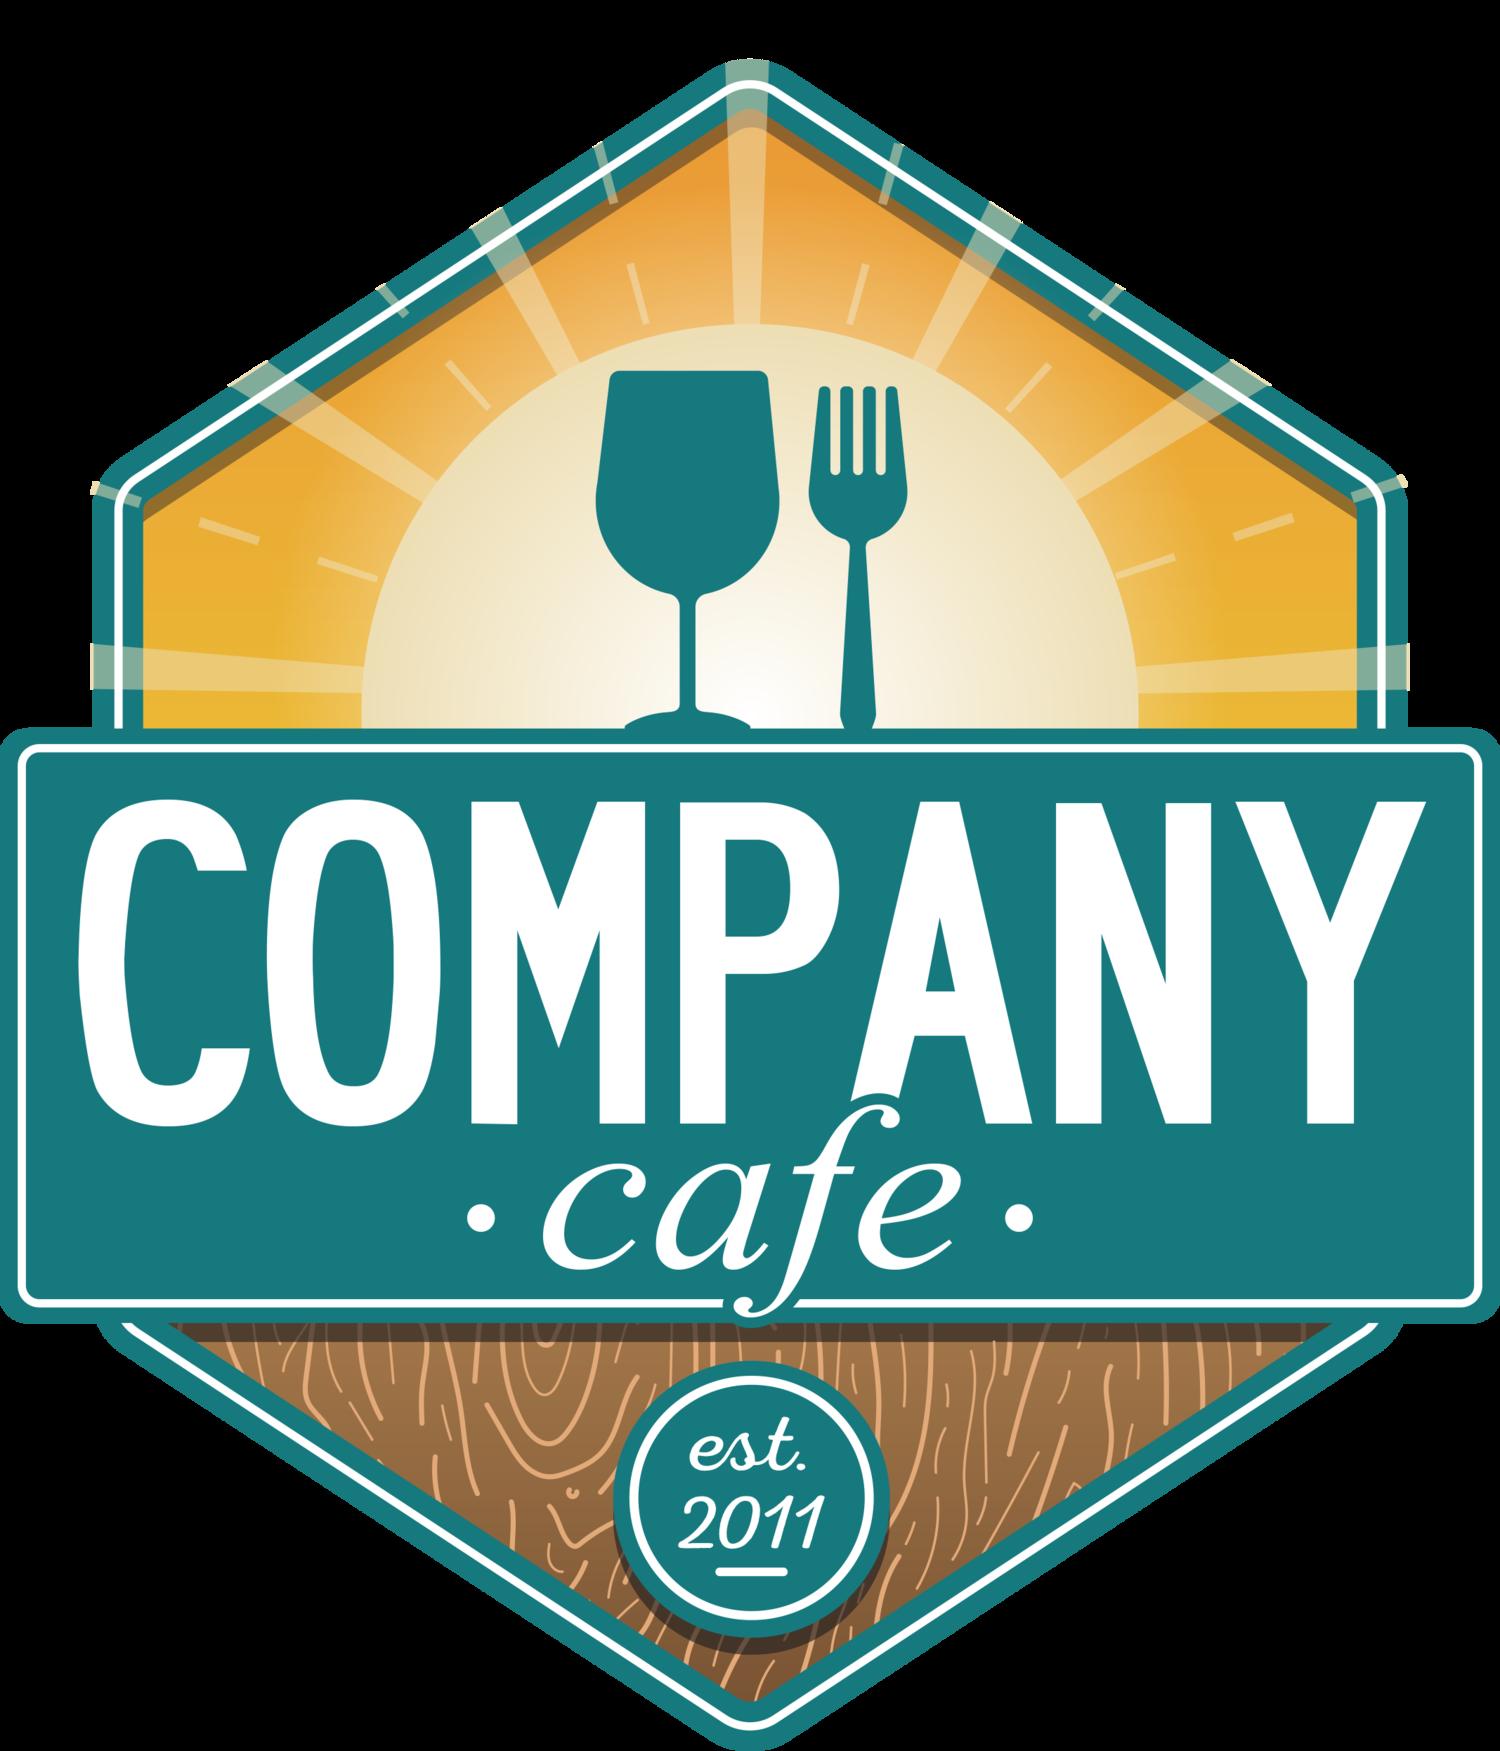 Company Café